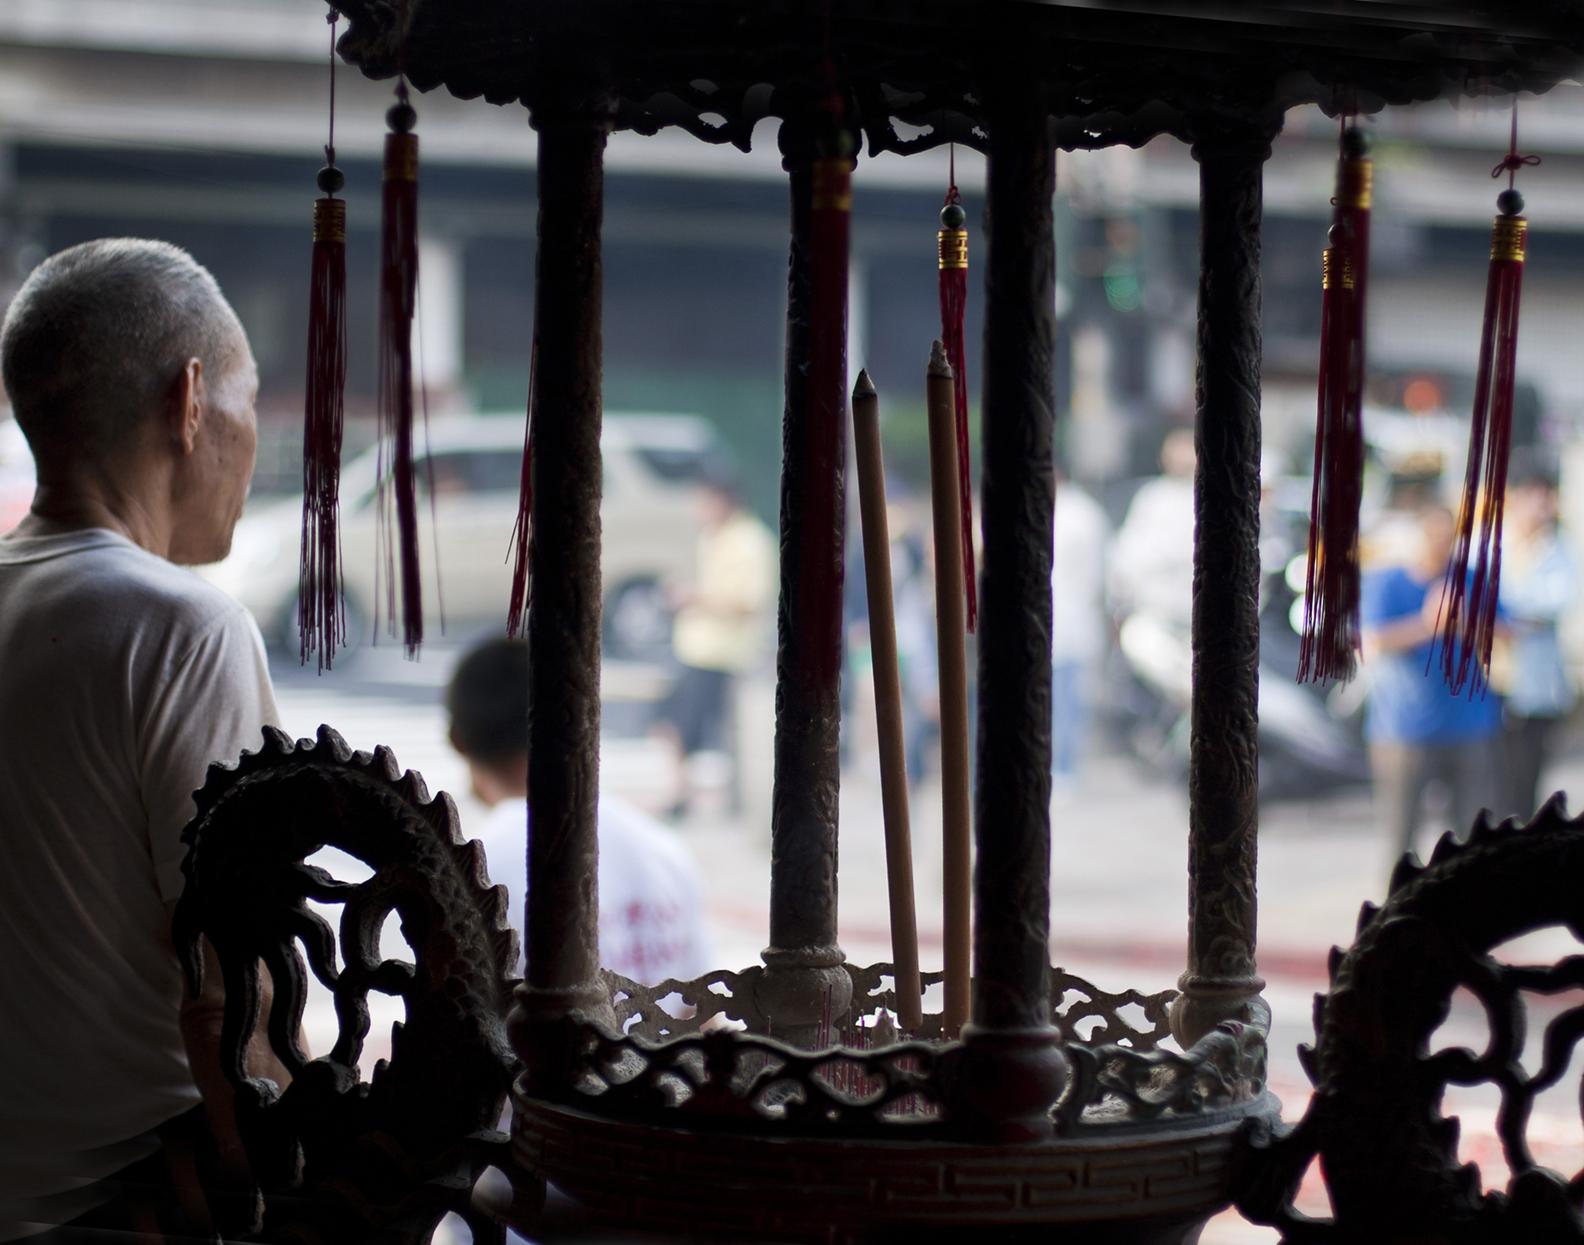 Incense Burner, Taiwan